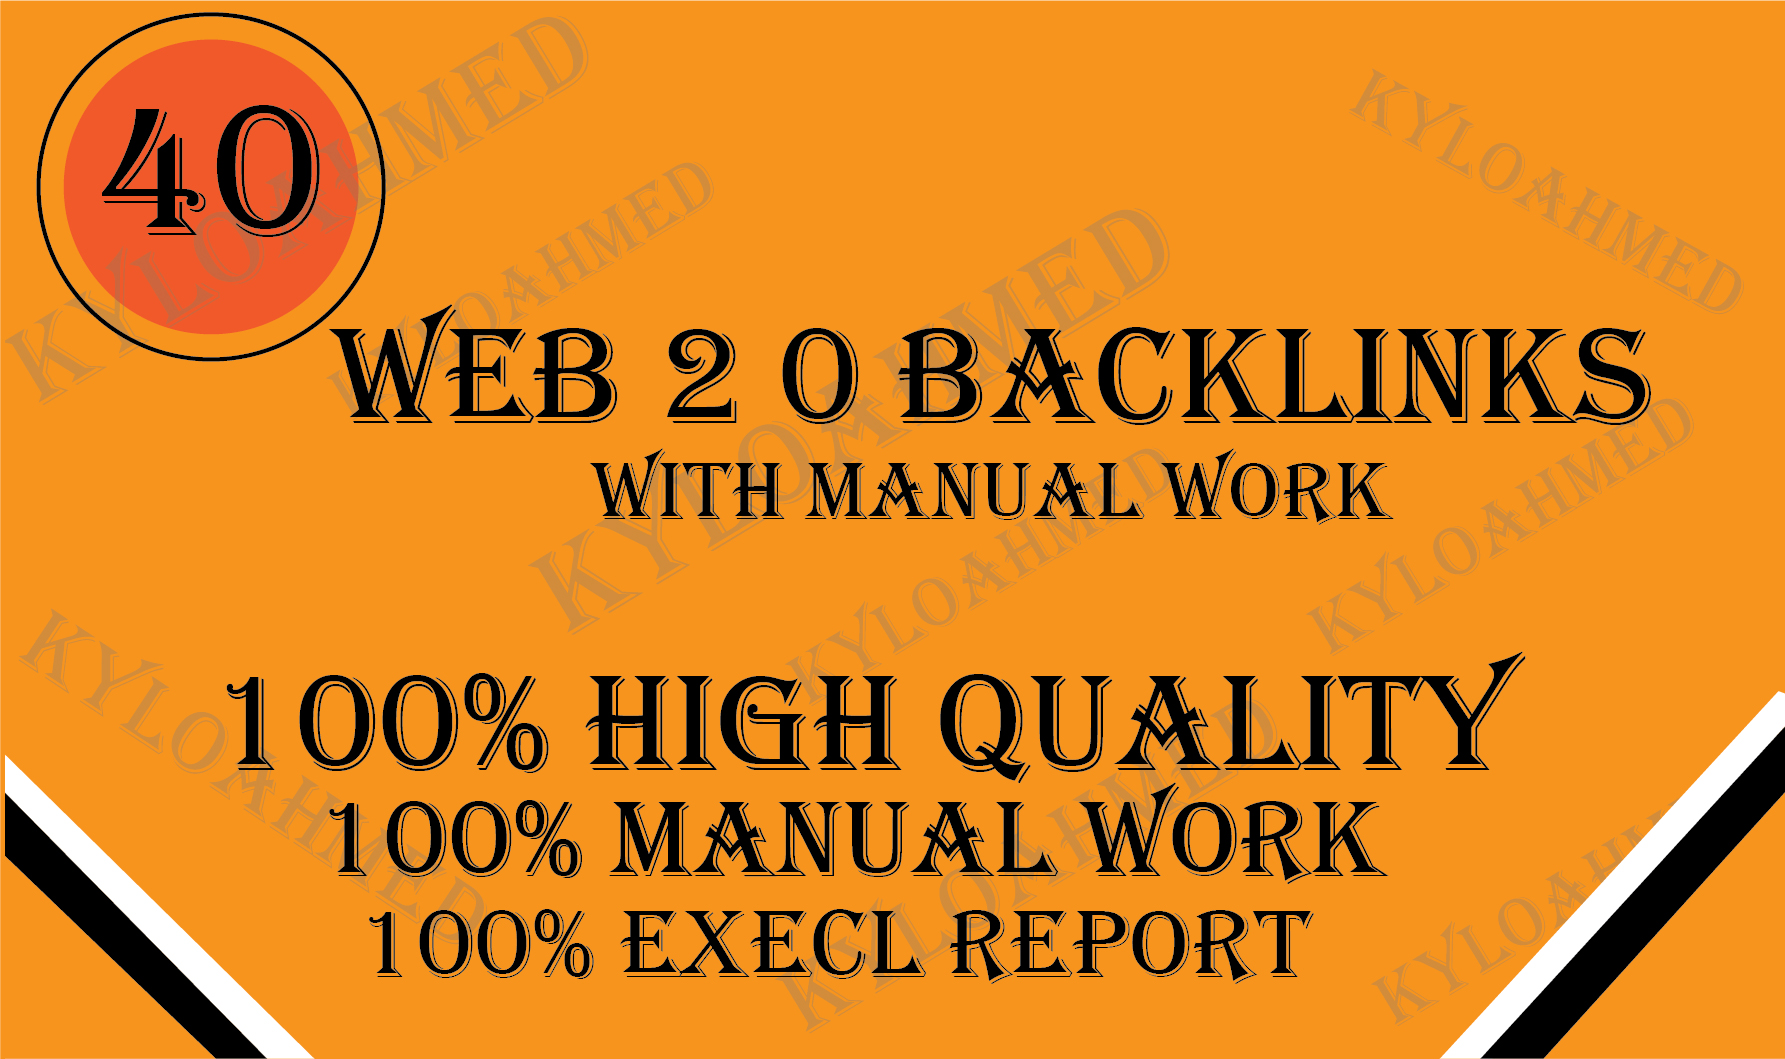 I will build 20 manually web 2.0 backlinks